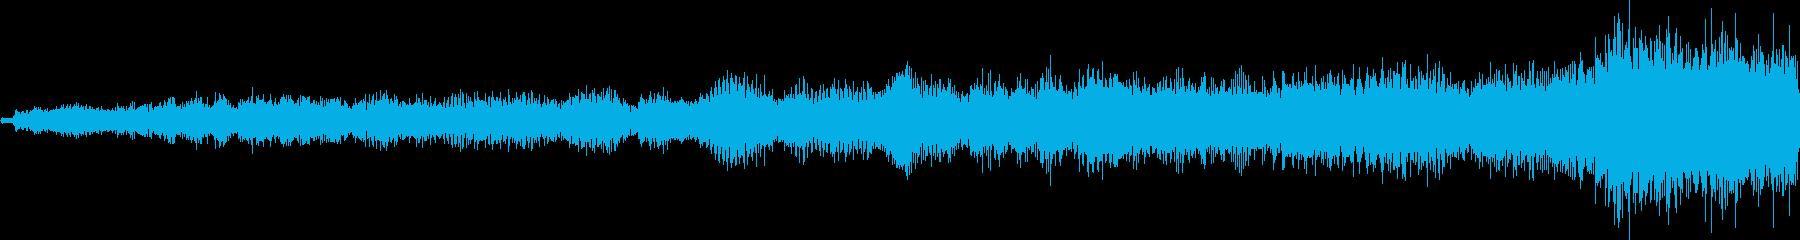 ヒューンゴッ(ワープ・転送装置作動音)の再生済みの波形